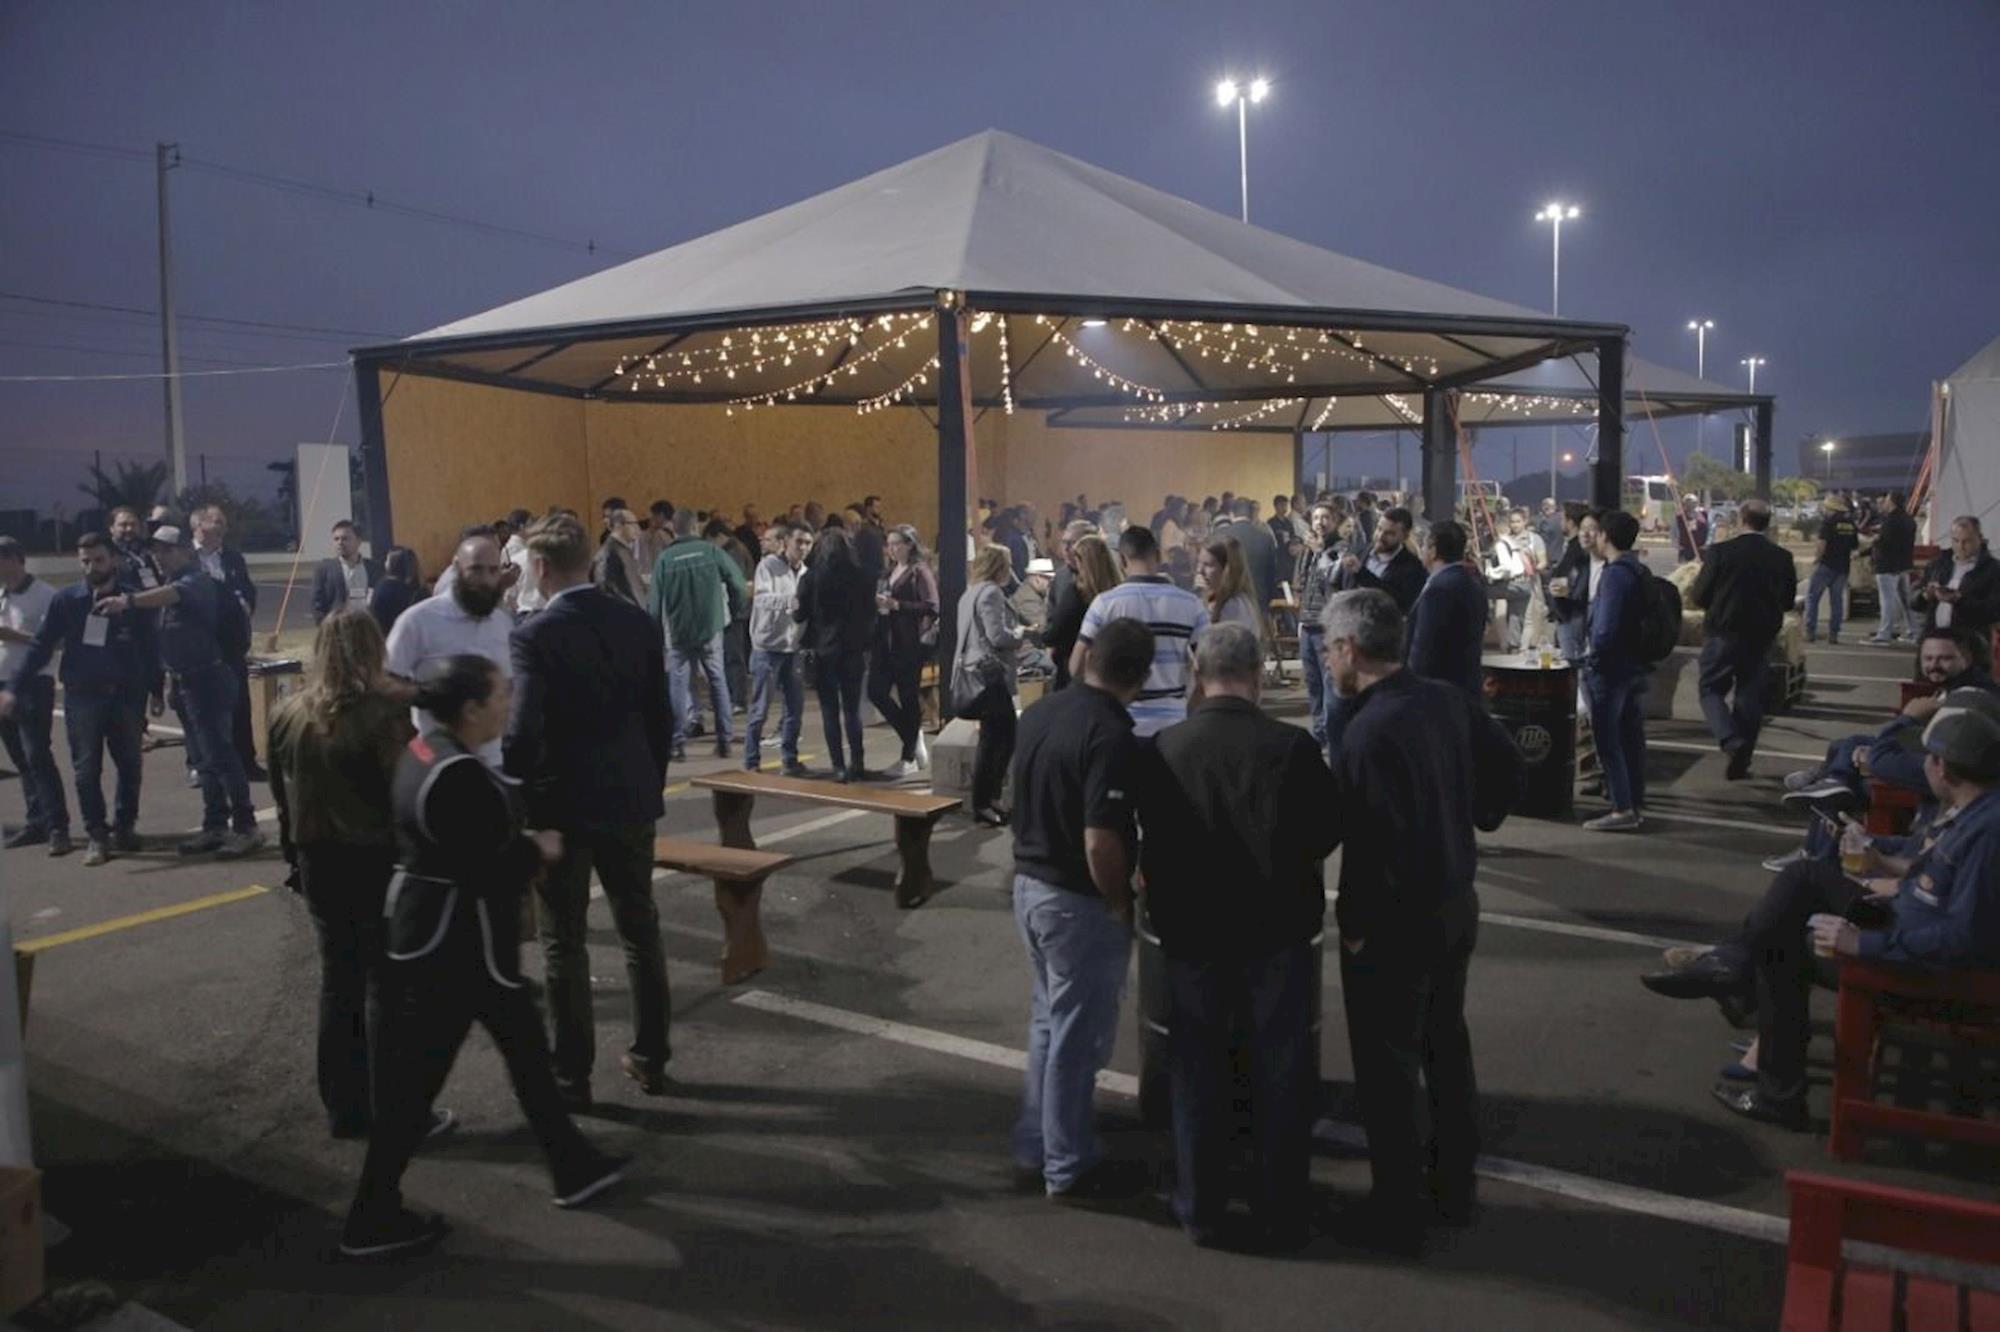 ÁLBUM DE FOTOS - Corredores cheios e festa dos 110 anos da Gessulli Agribusiness